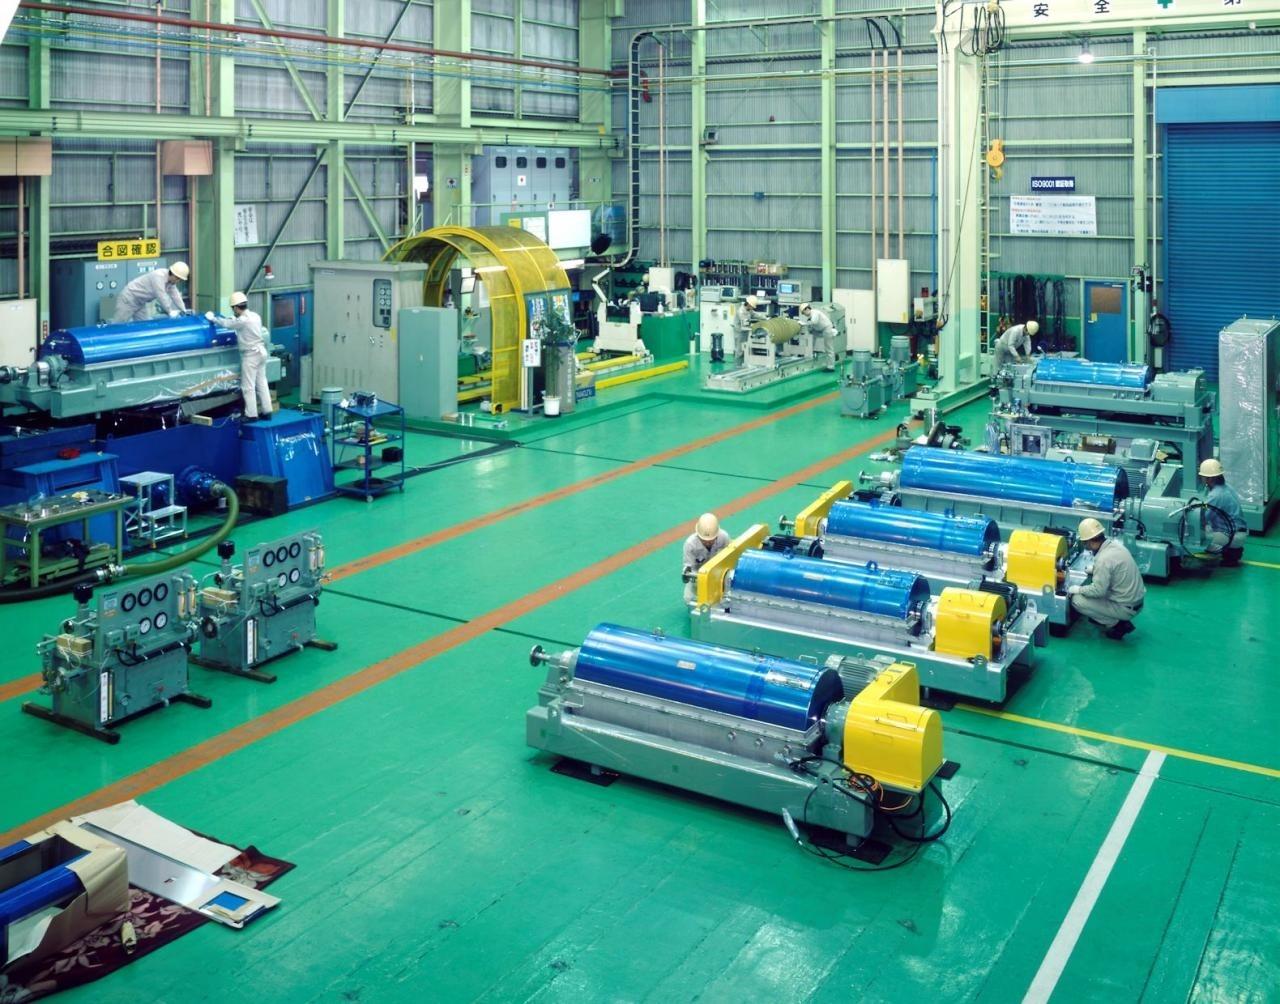 株式会社広島メタル&マシナリー/【生産管理】産業装置メーカーで機器の物流管理や日程調整をお任せします!(広島勤務)